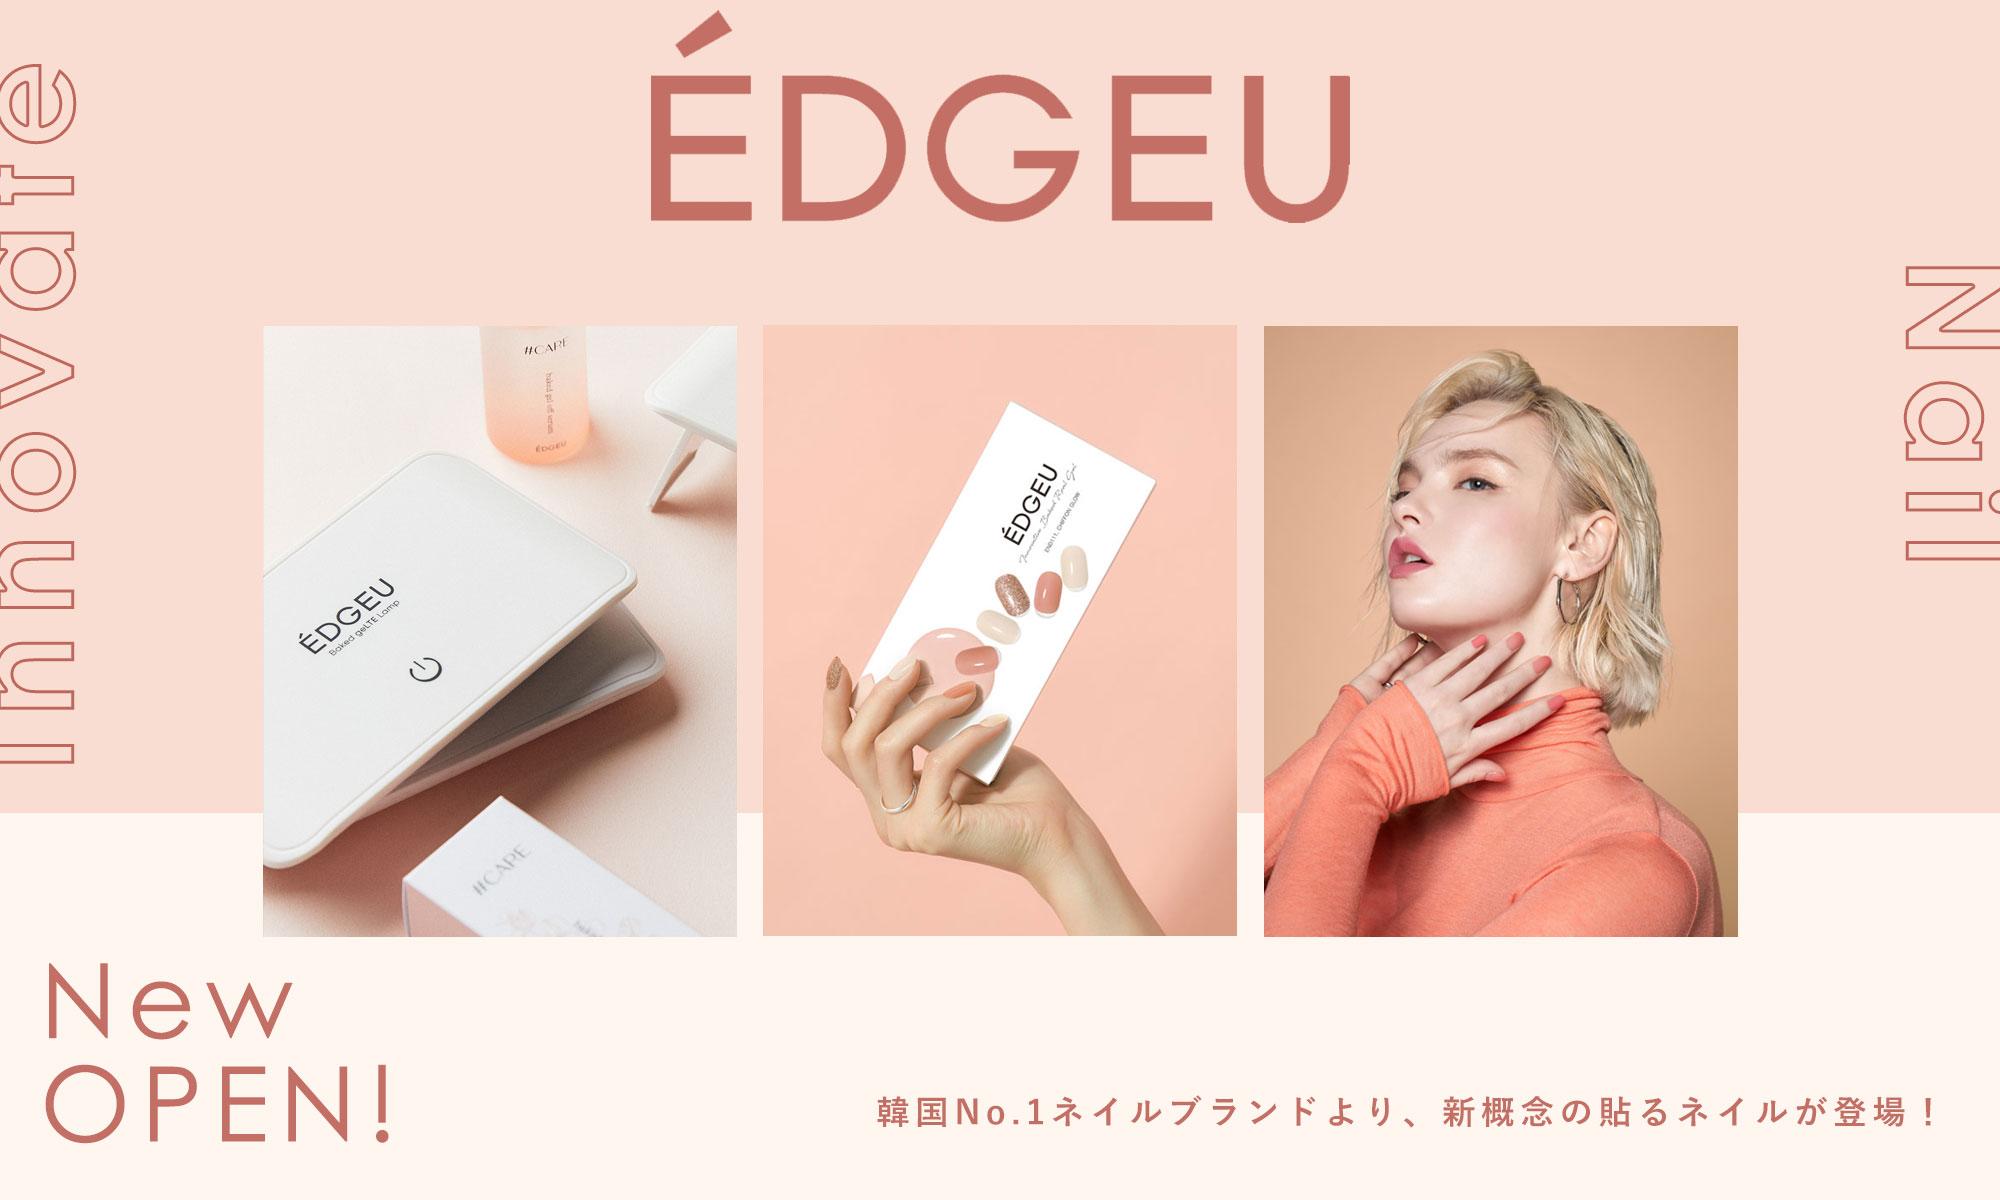 EDGEU エッジユー ネイルシート 販売開始!